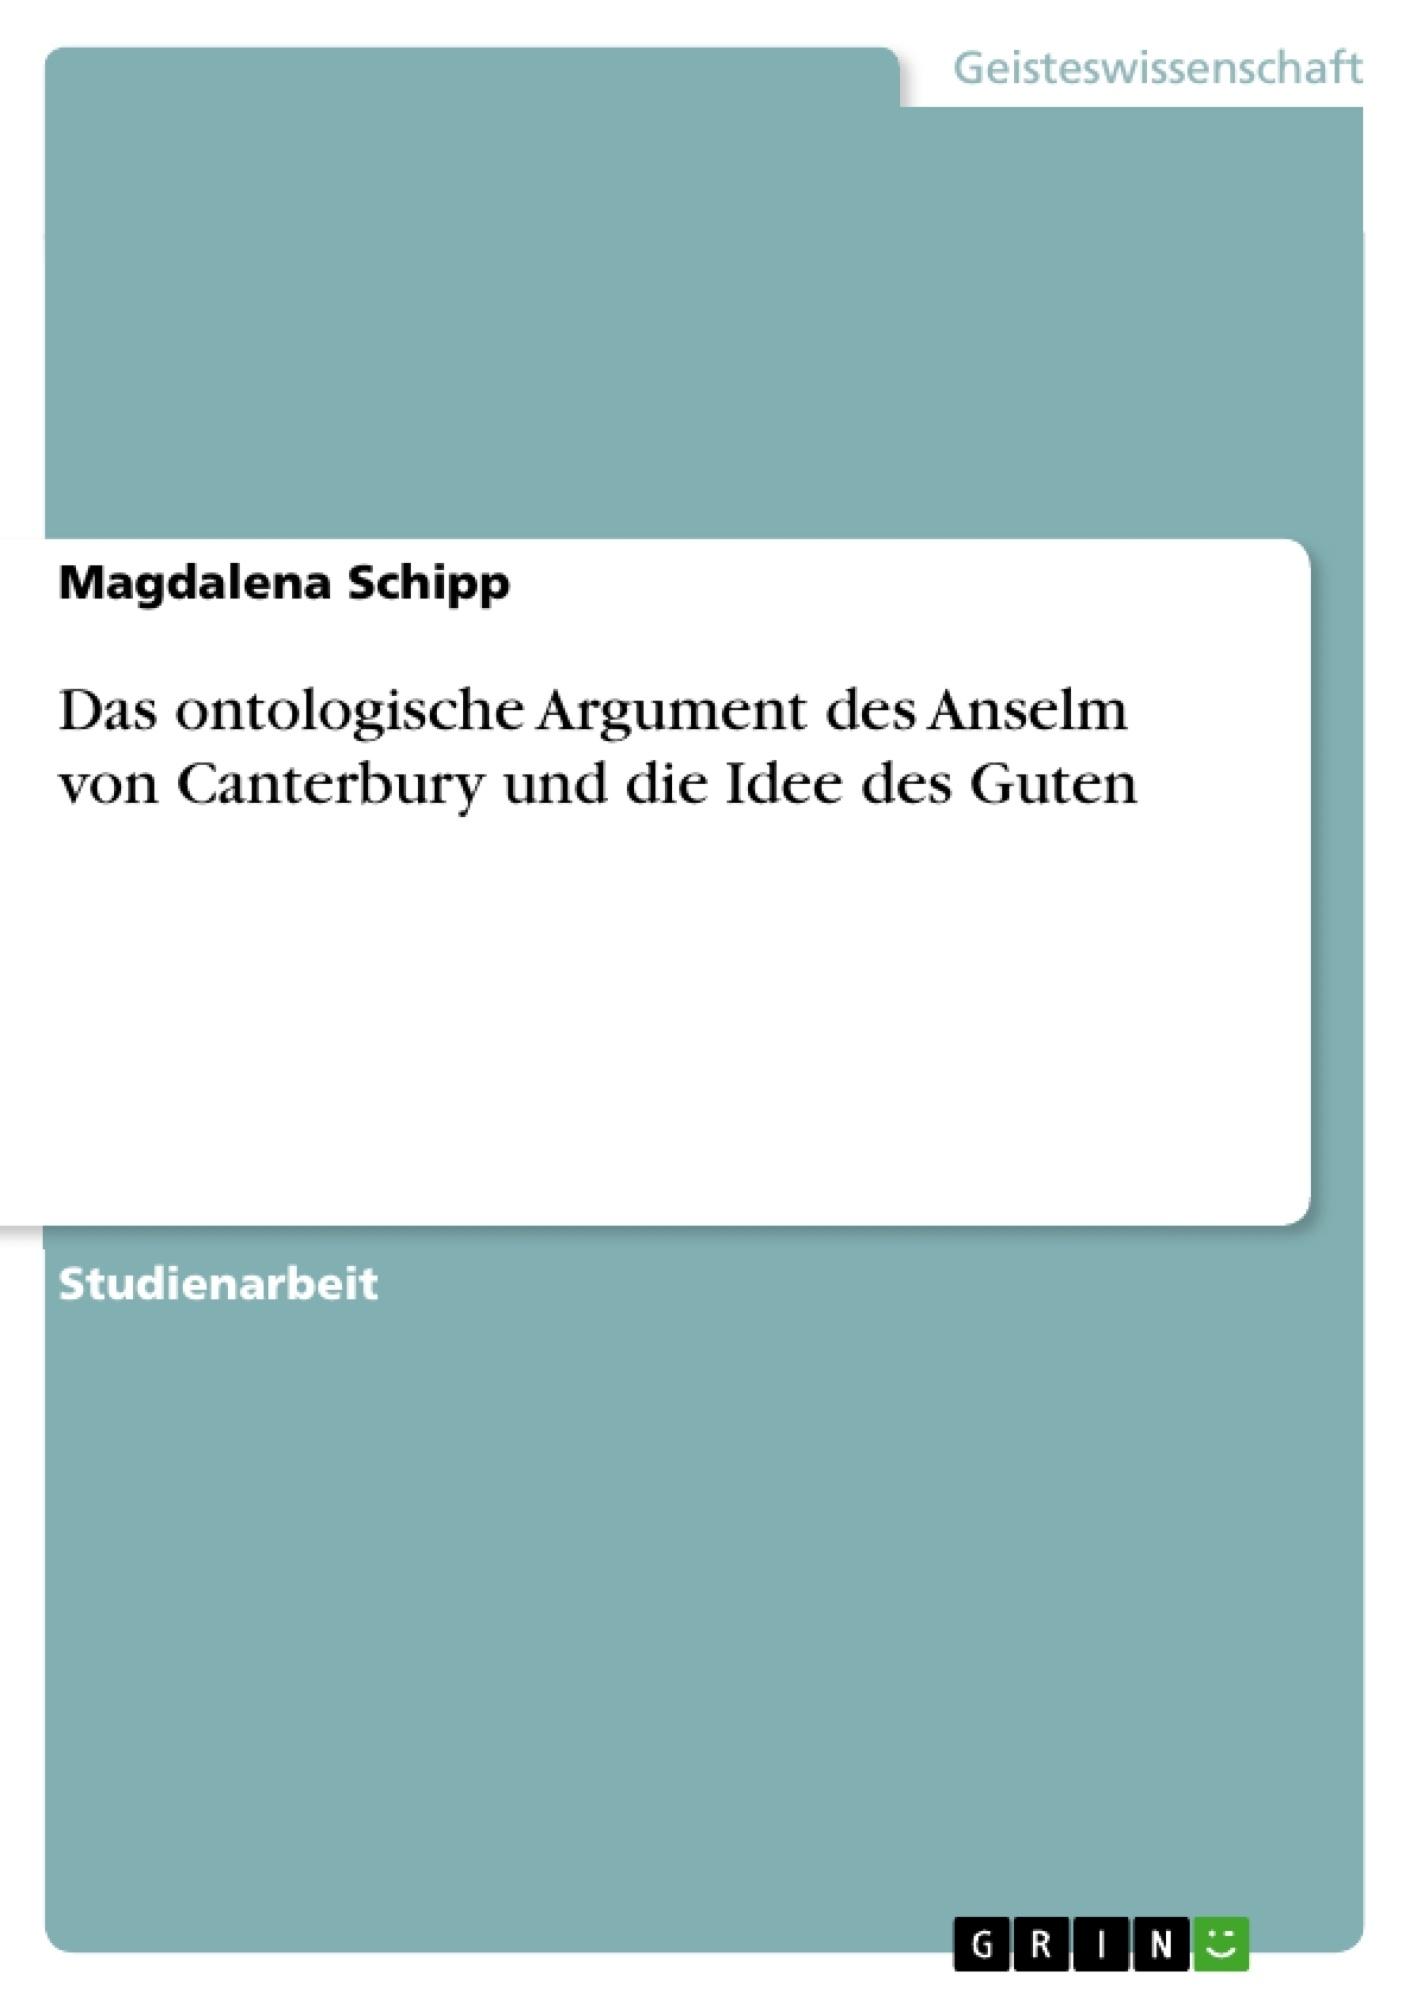 Titel: Das ontologische Argument des Anselm von Canterbury und die Idee des Guten